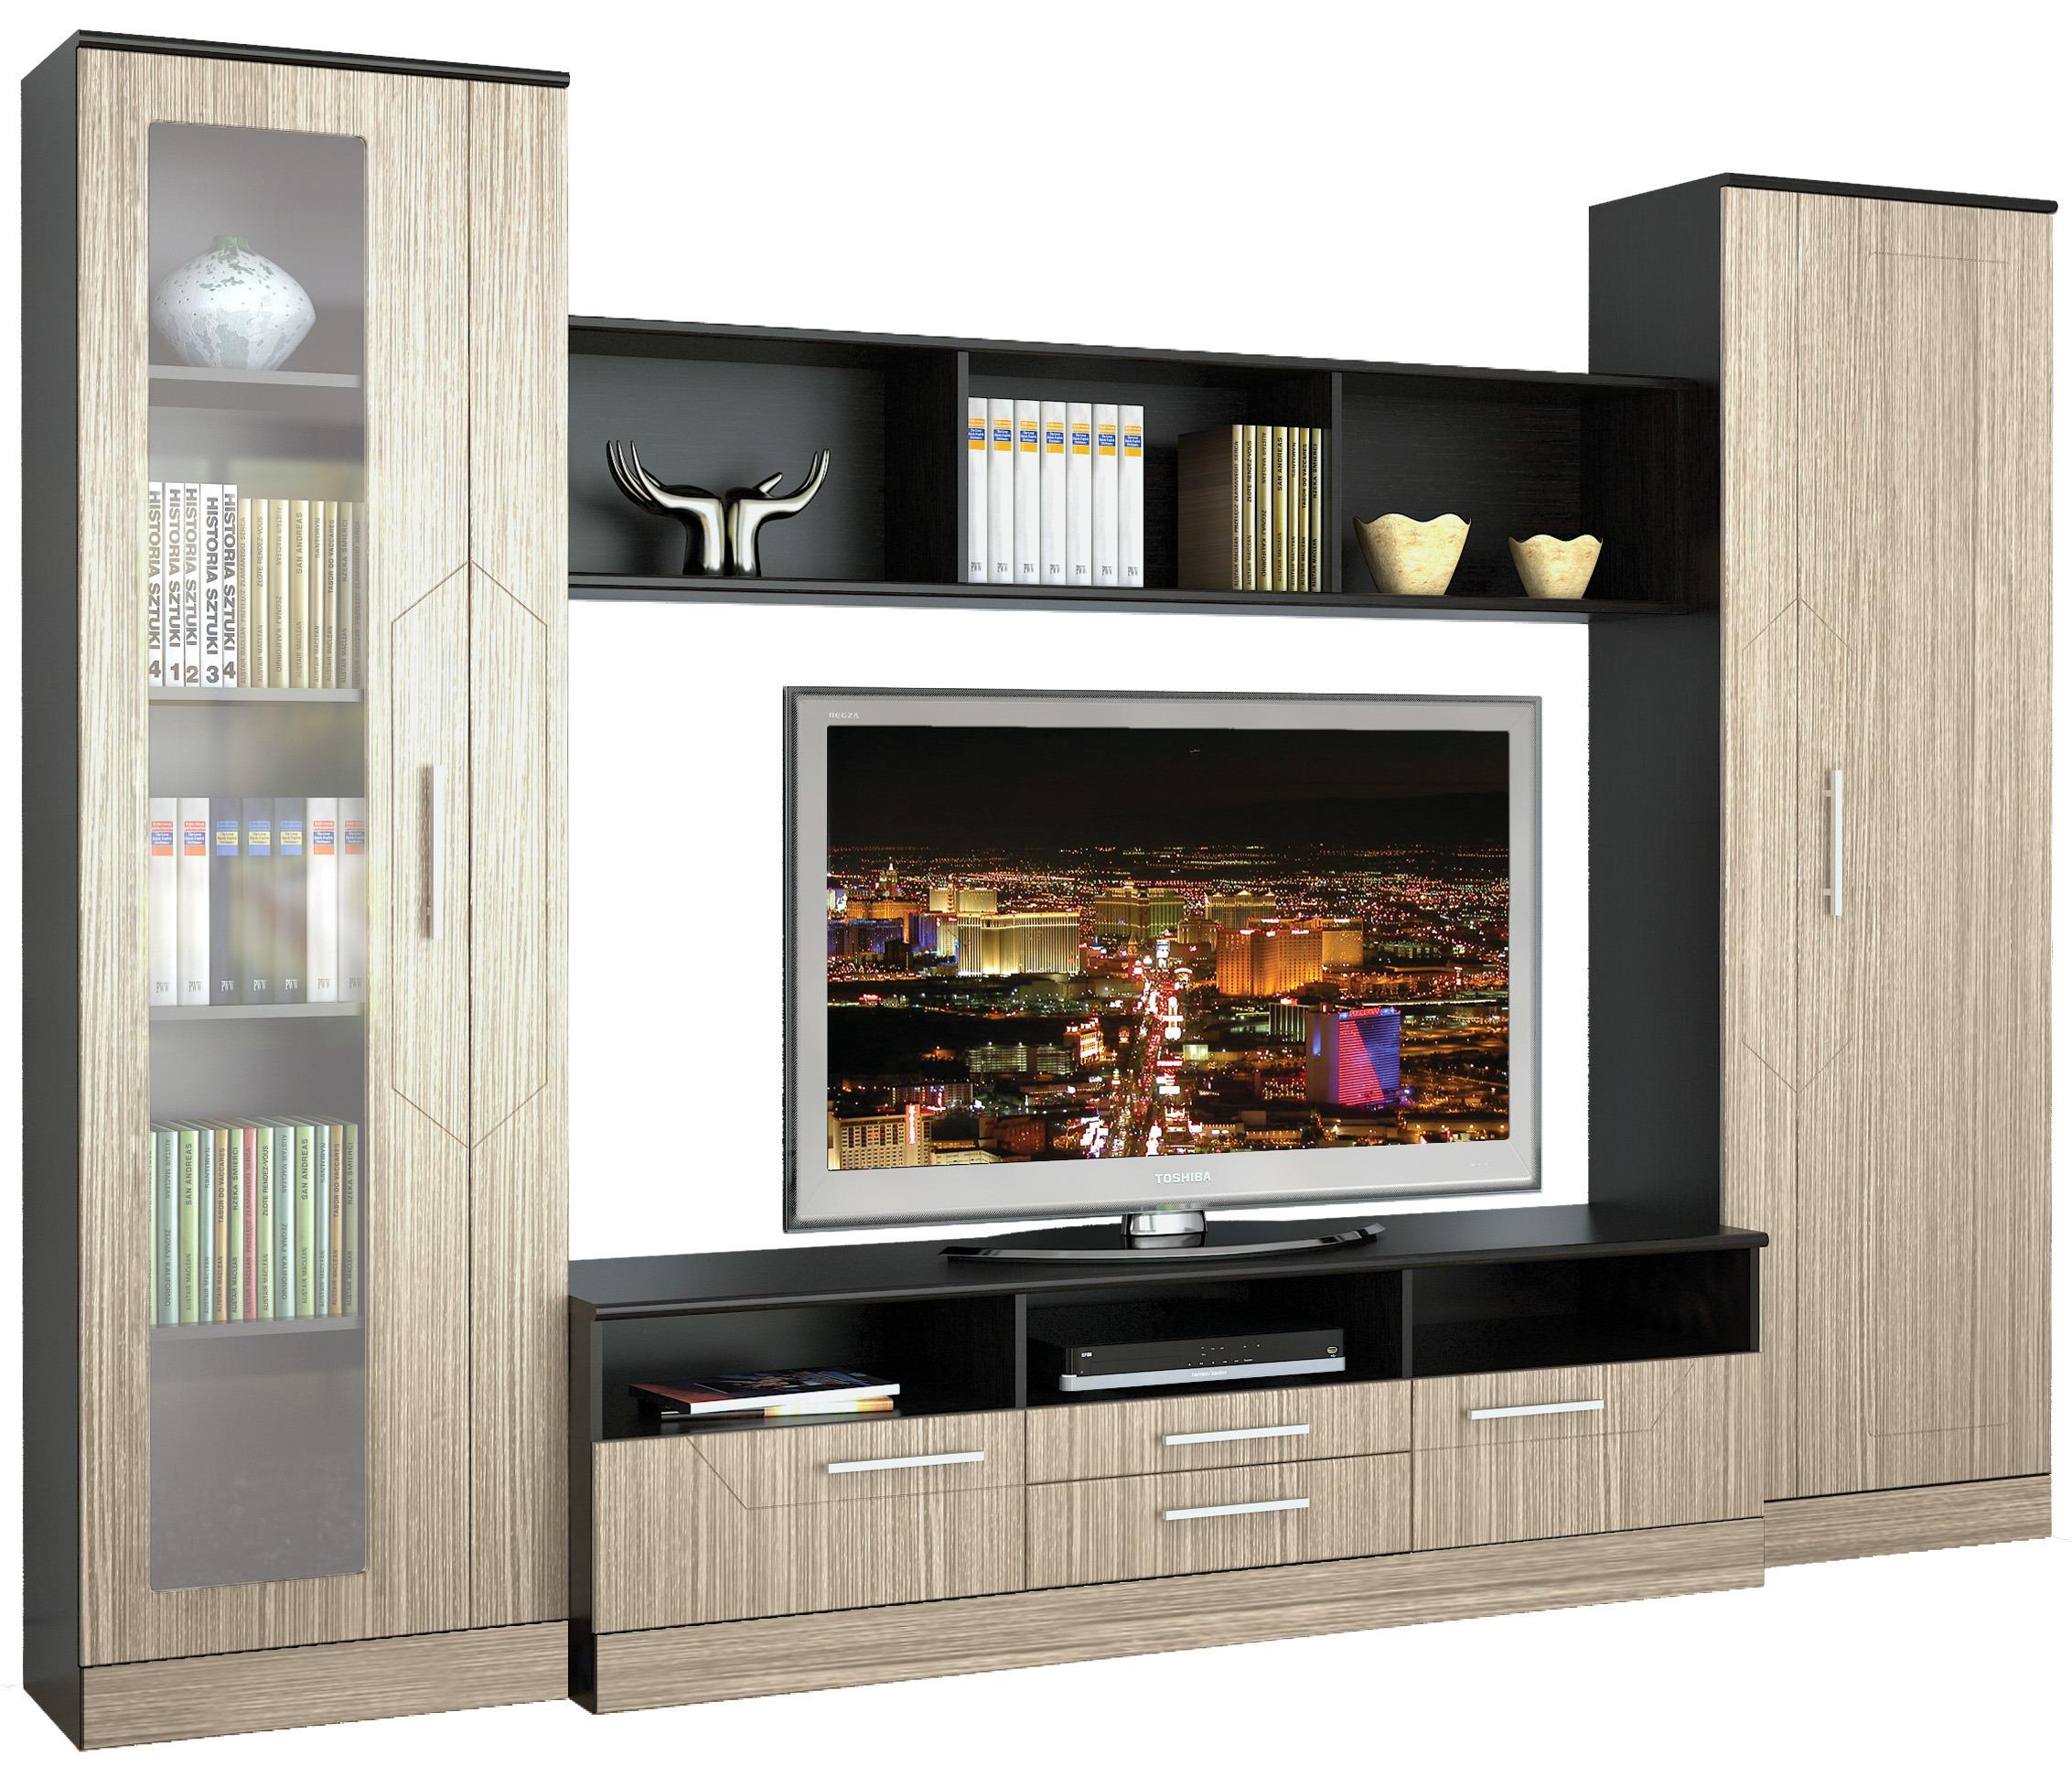 Лас-Вегас СВ-120 Стенка СветлаяСтенки для гостиной<br>Светлая стенка  Лас-Вегас СВ-120  состоит из вместительного шкафа, изящной витрины, тумбы под телевизор, оборудованной несколькими выдвижными секциями, а также из эргономичной навесной полки.<br><br>Длина мм: 3040<br>Высота мм: 2109<br>Глубина мм: 480